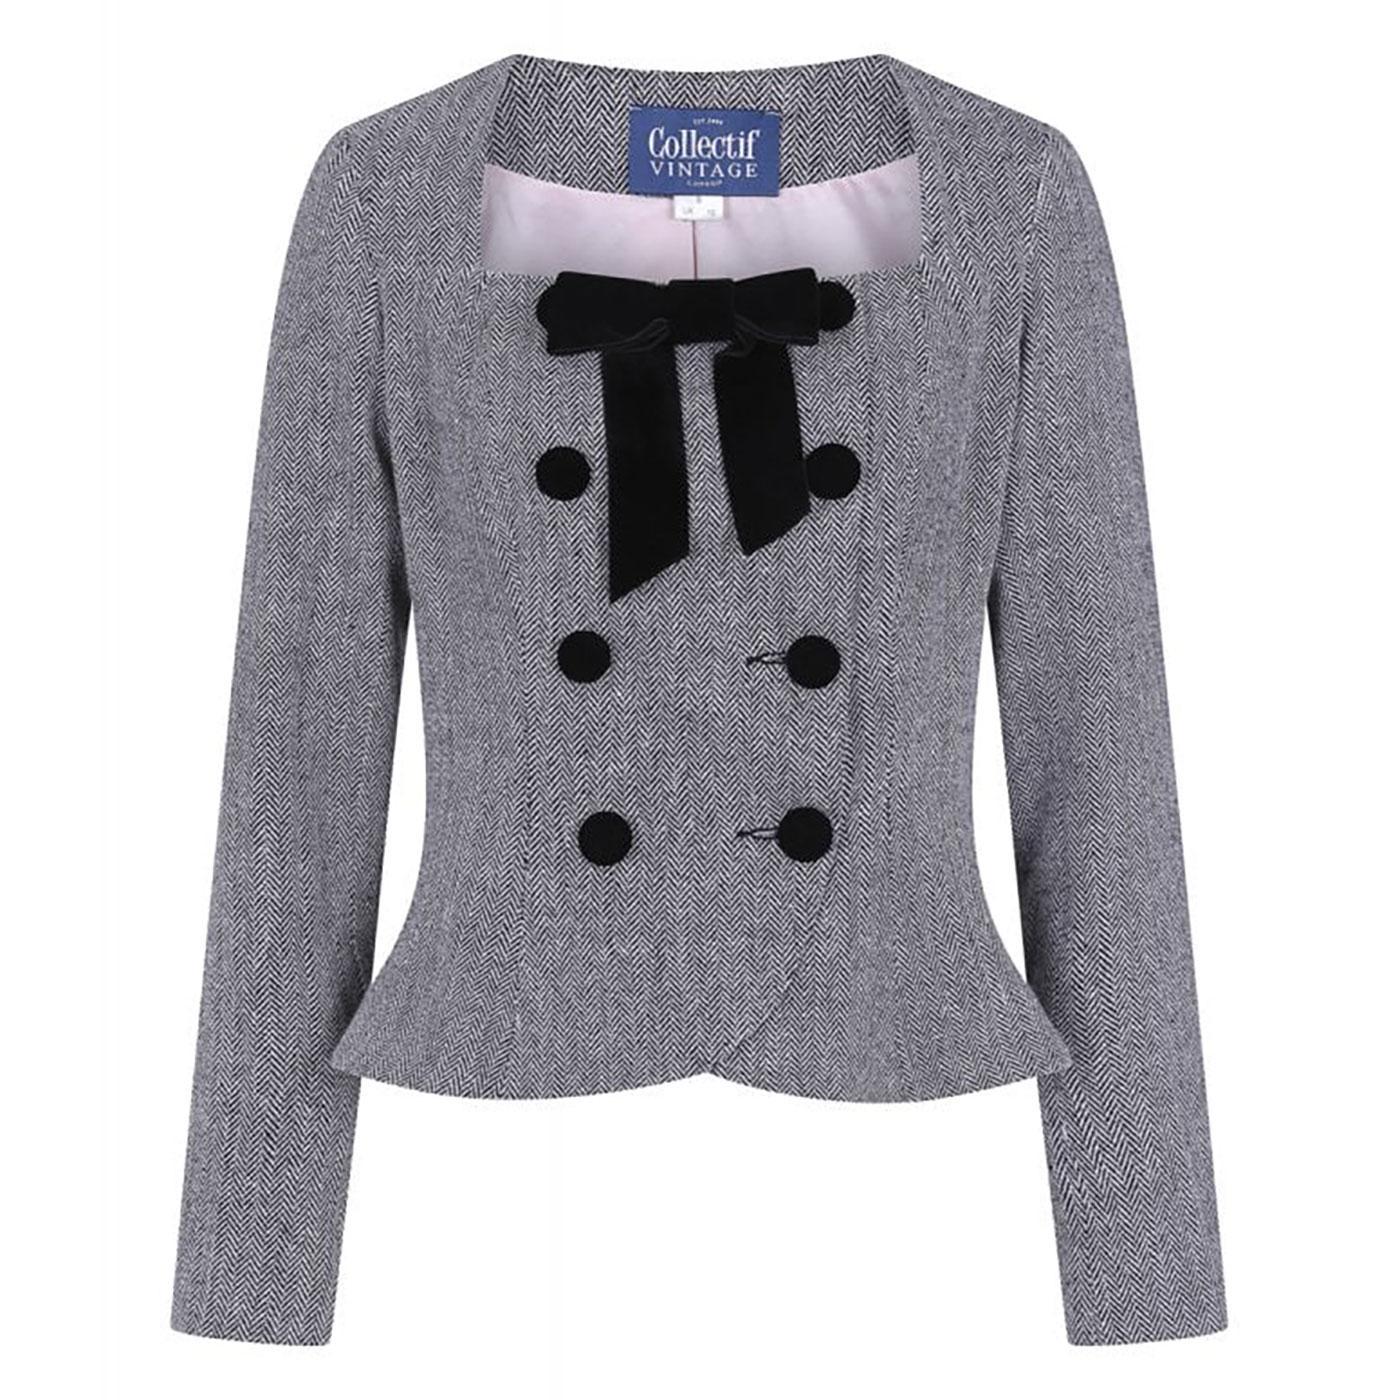 Agatha COLLECTIF Vintage Herringbone Jacket